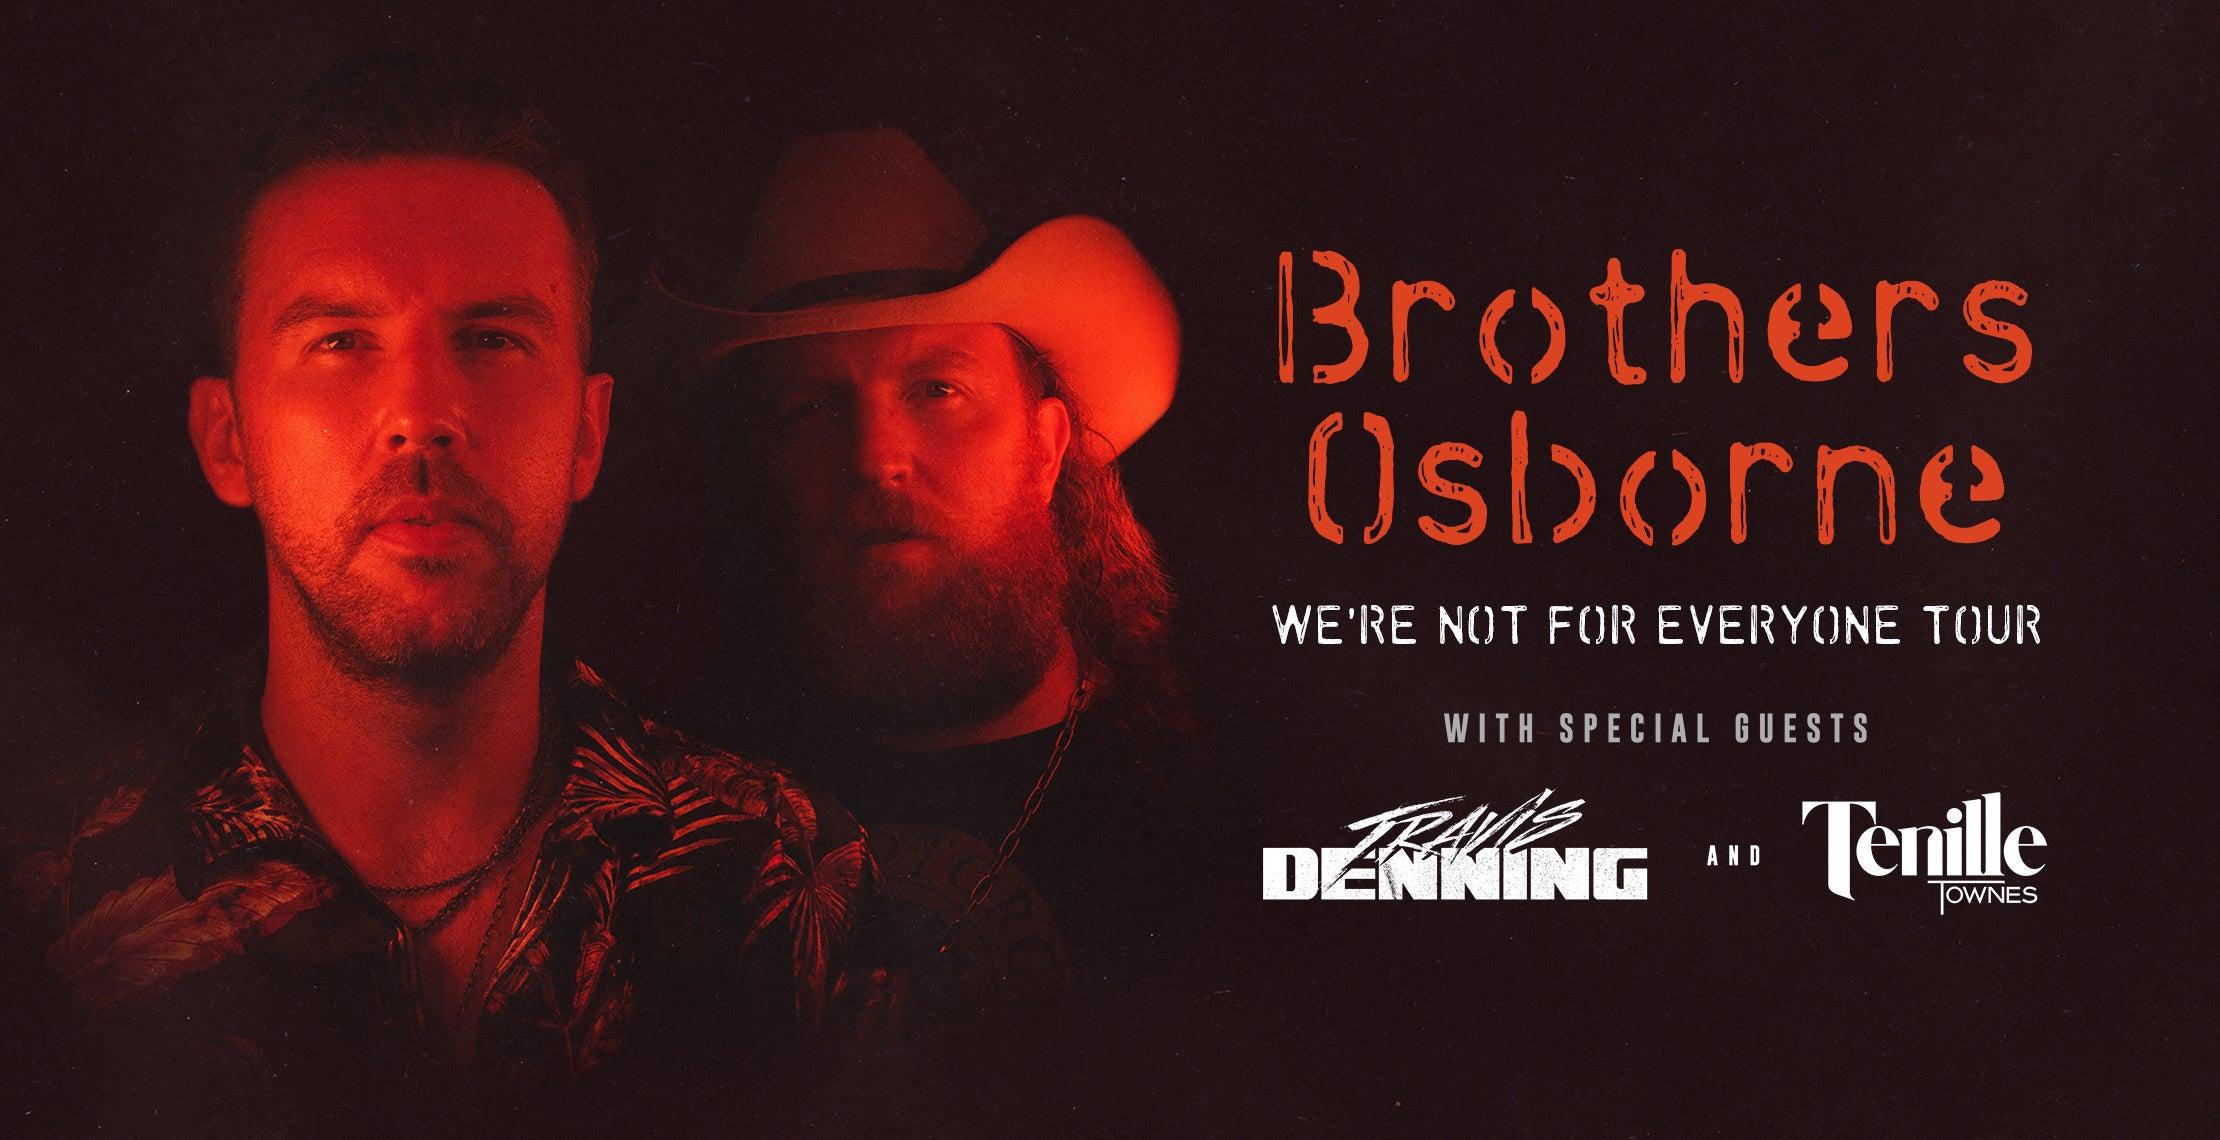 Brothers Osborne (Rescheduled - New Date TBD)